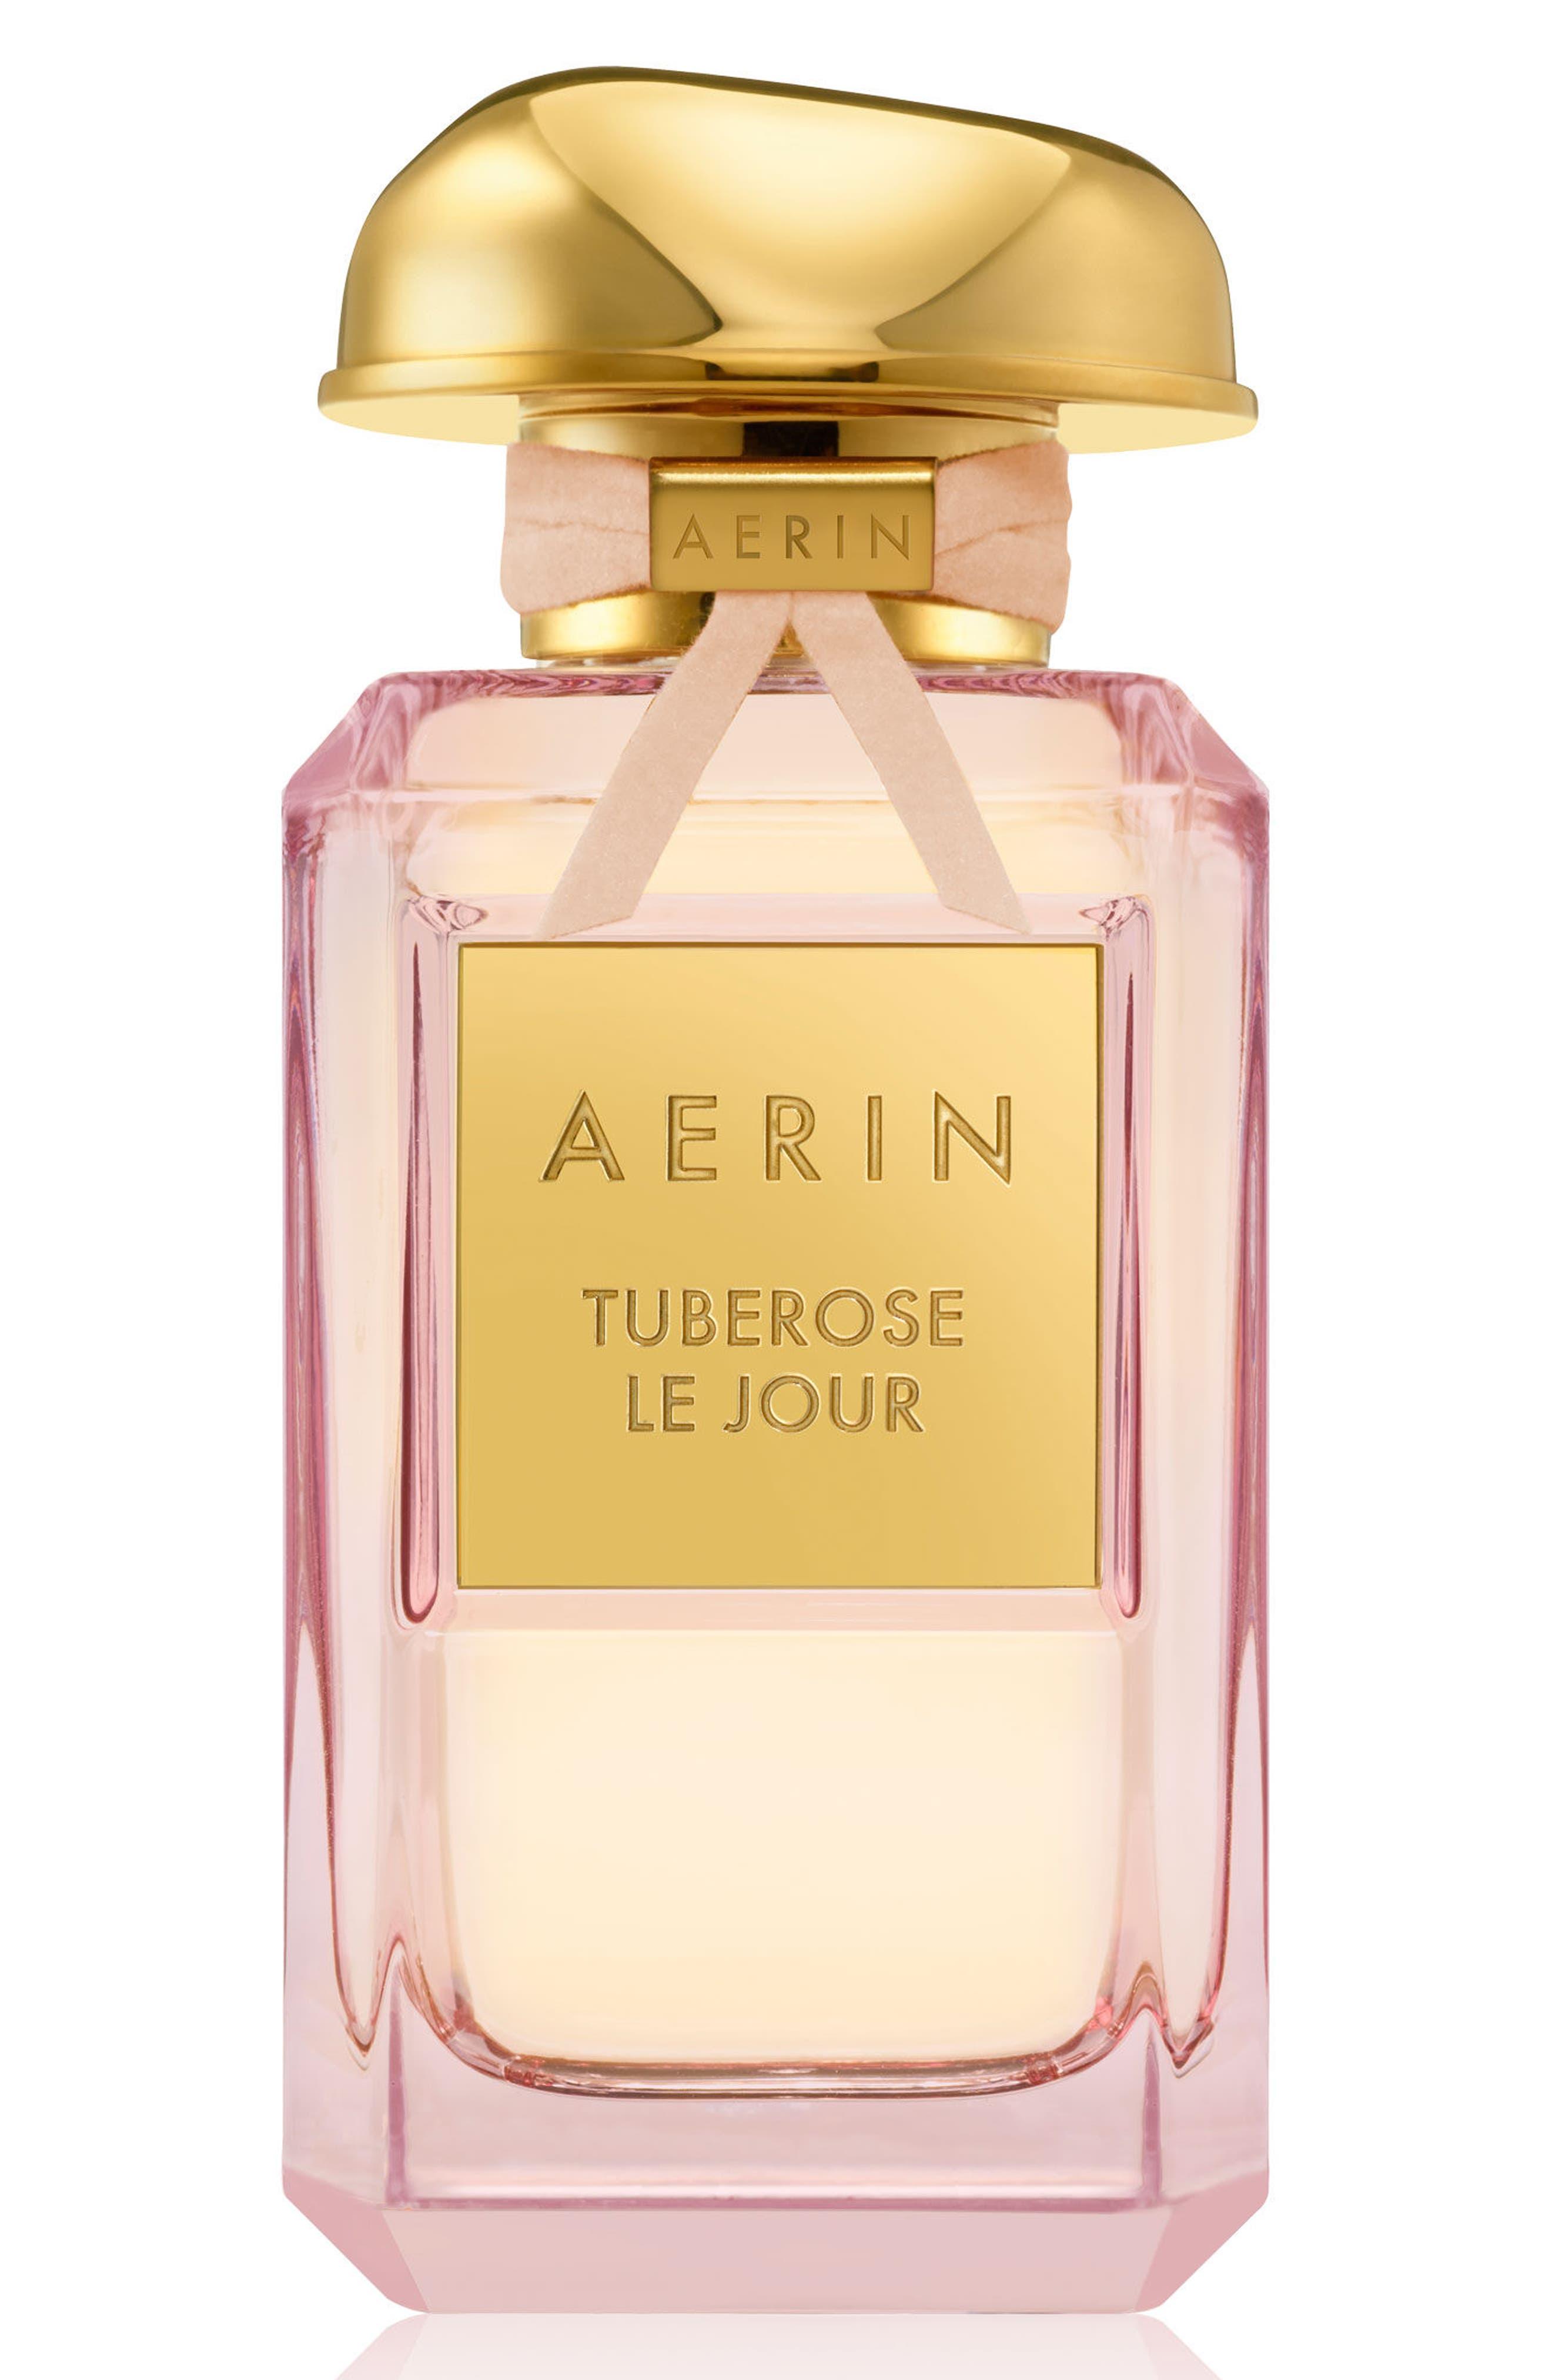 AERIN Beauty Tuberose Le Jour Parfum,                             Main thumbnail 1, color,                             NO COLOR